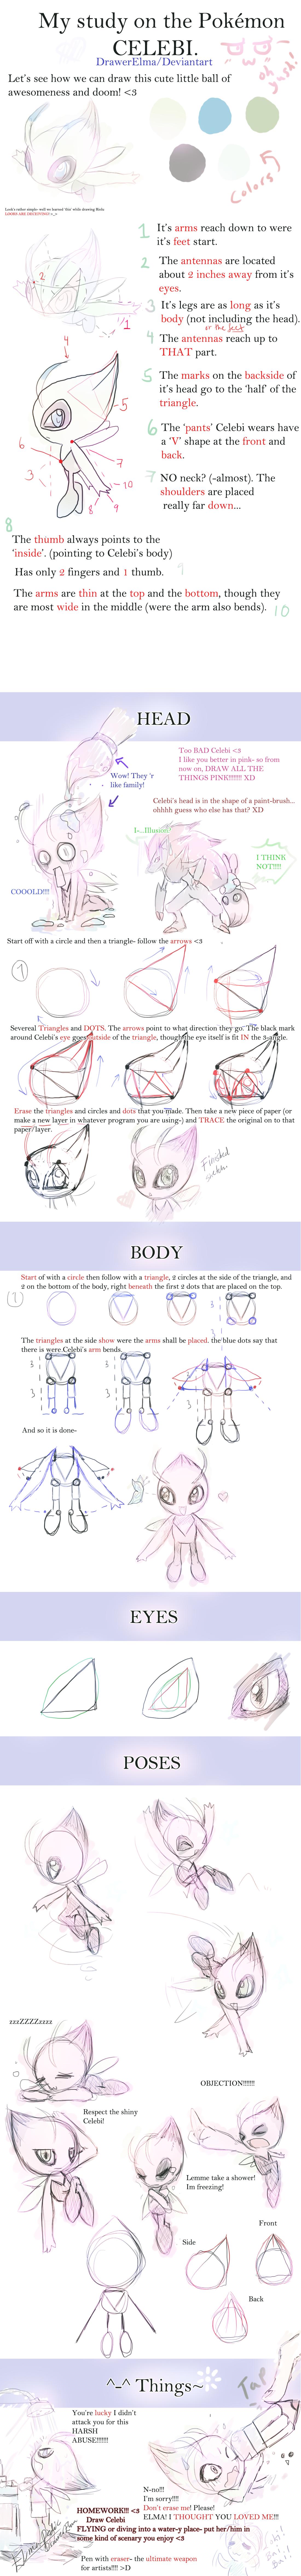 How to Draw Celebi- DrawerElma's Study by DrawerElma